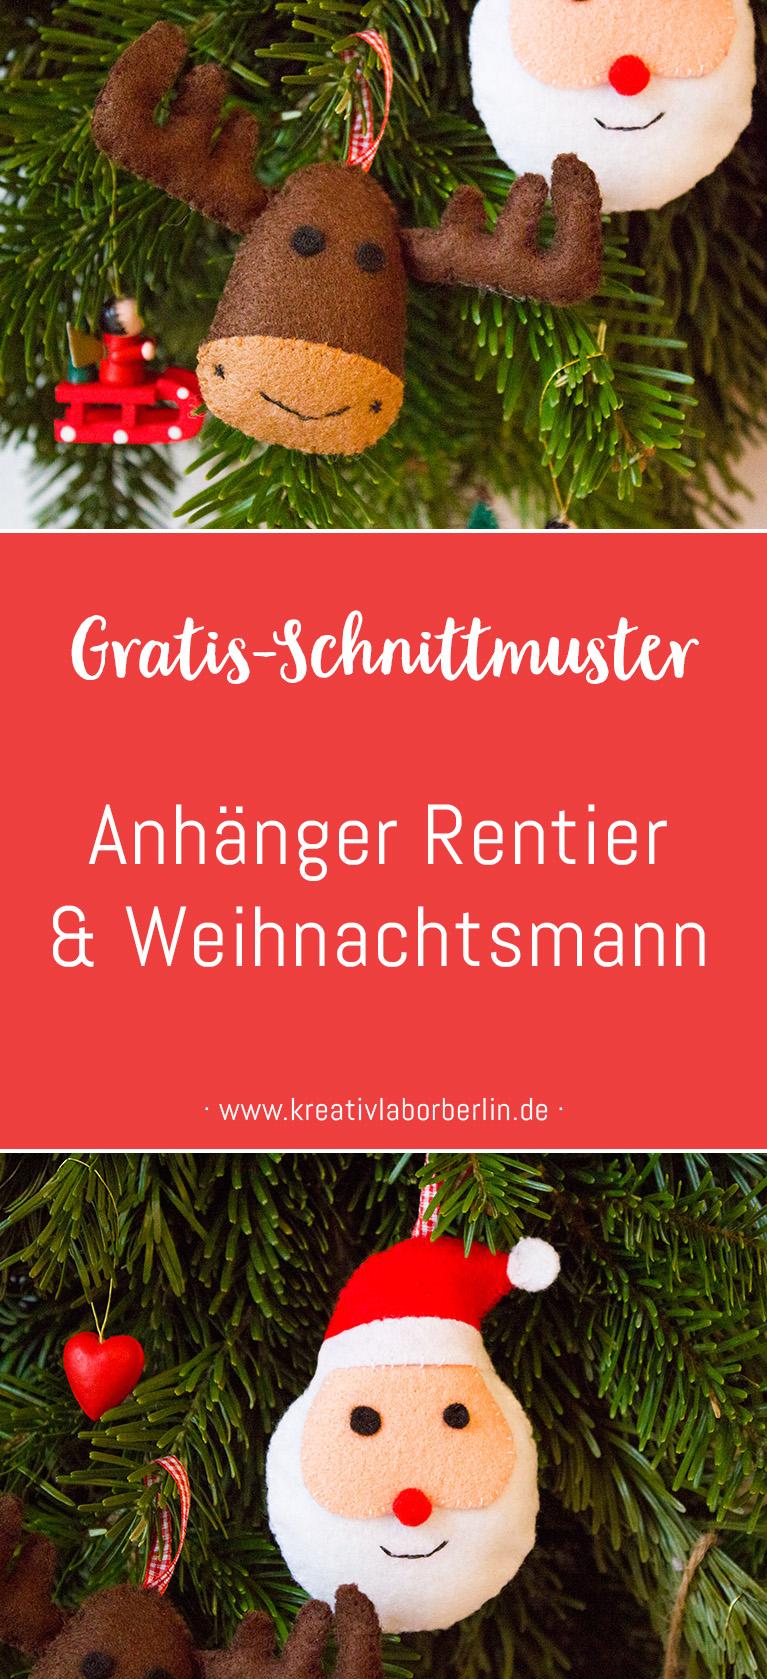 Schnittmuster & Nähanleitung Rentier & Weihnachtsmann